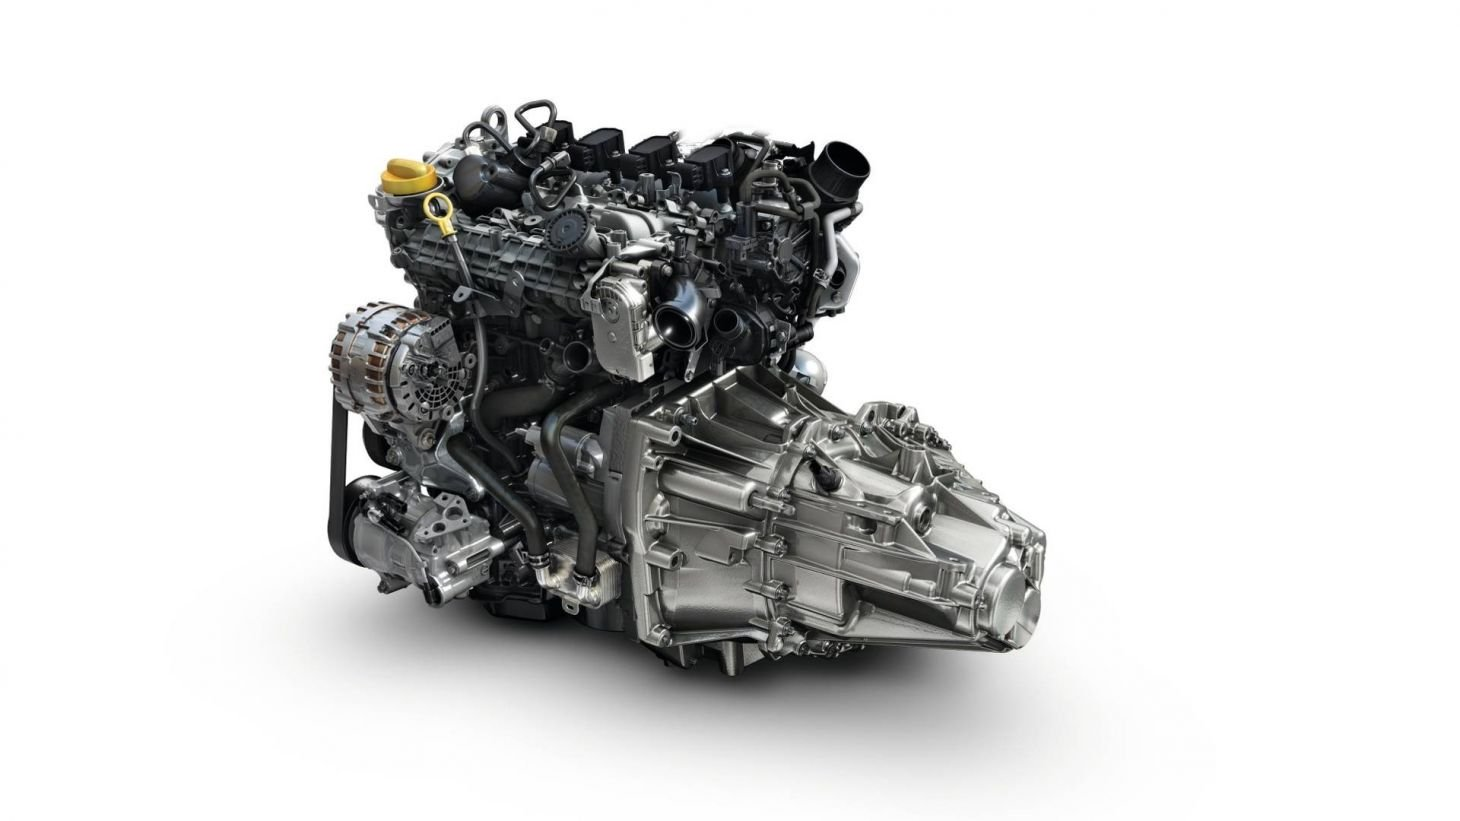 Novo motor 1.3 turbo fruto da parceria Renault-Mercedes que está no Captur Russo